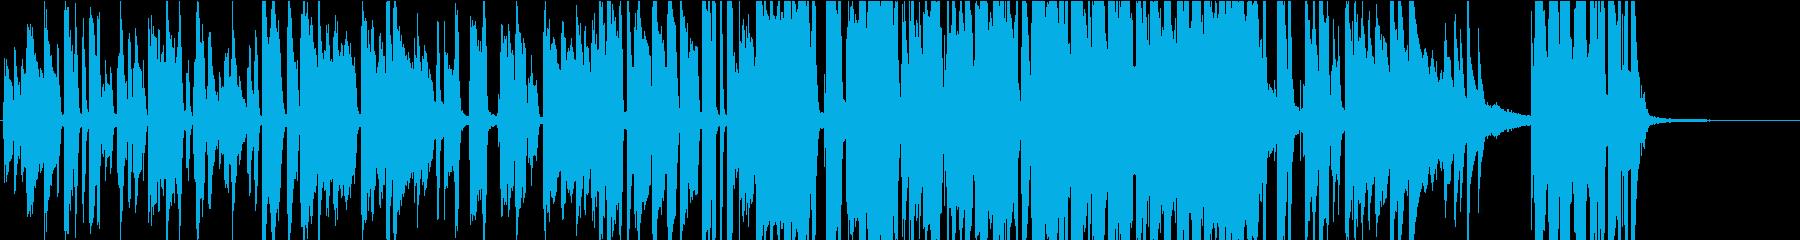 レトロなピアノとビッグバンドジャズの再生済みの波形